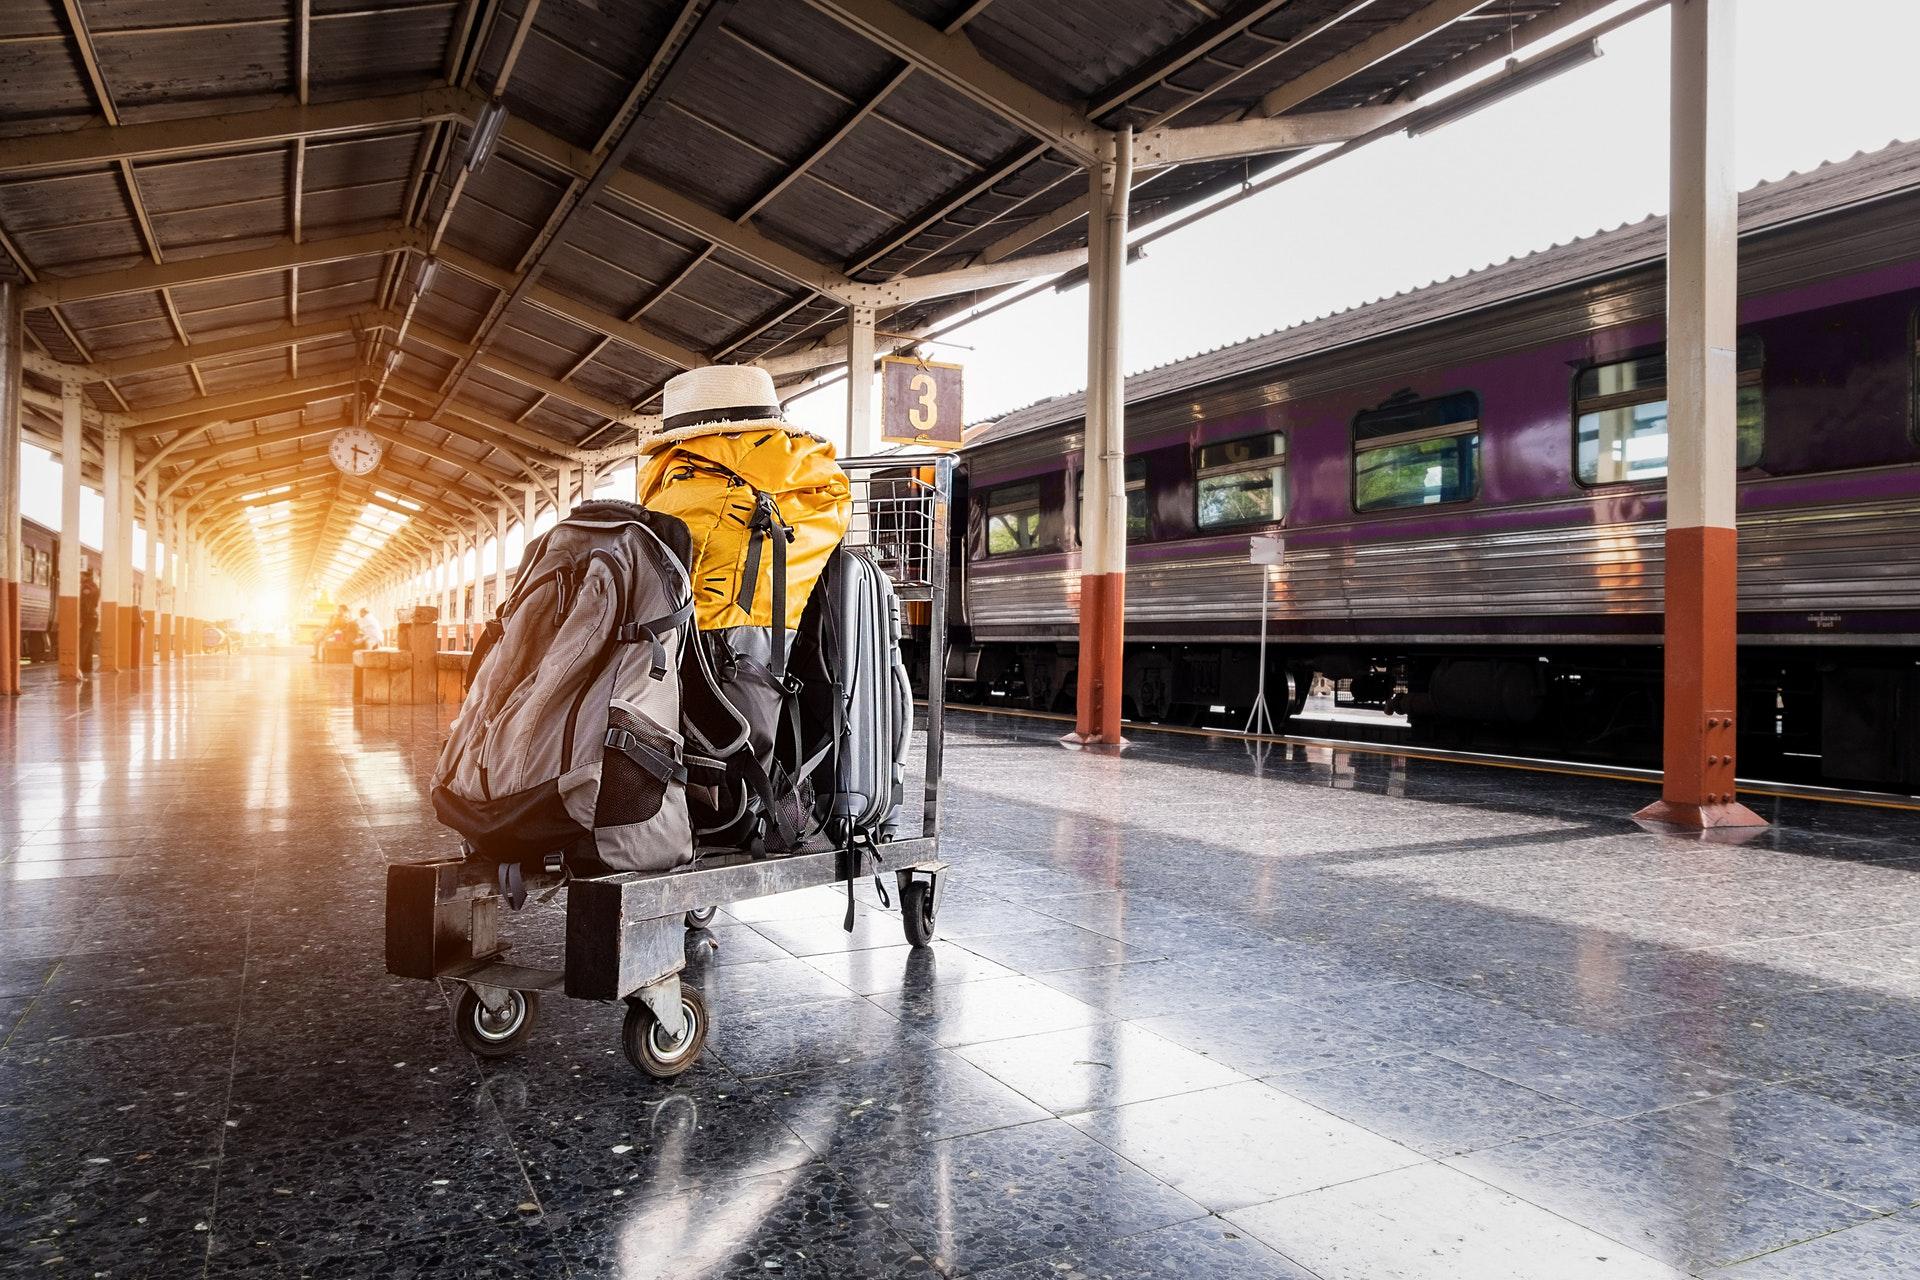 Está viajando? Como fazer uma conexão entre aeroportos com Malas?